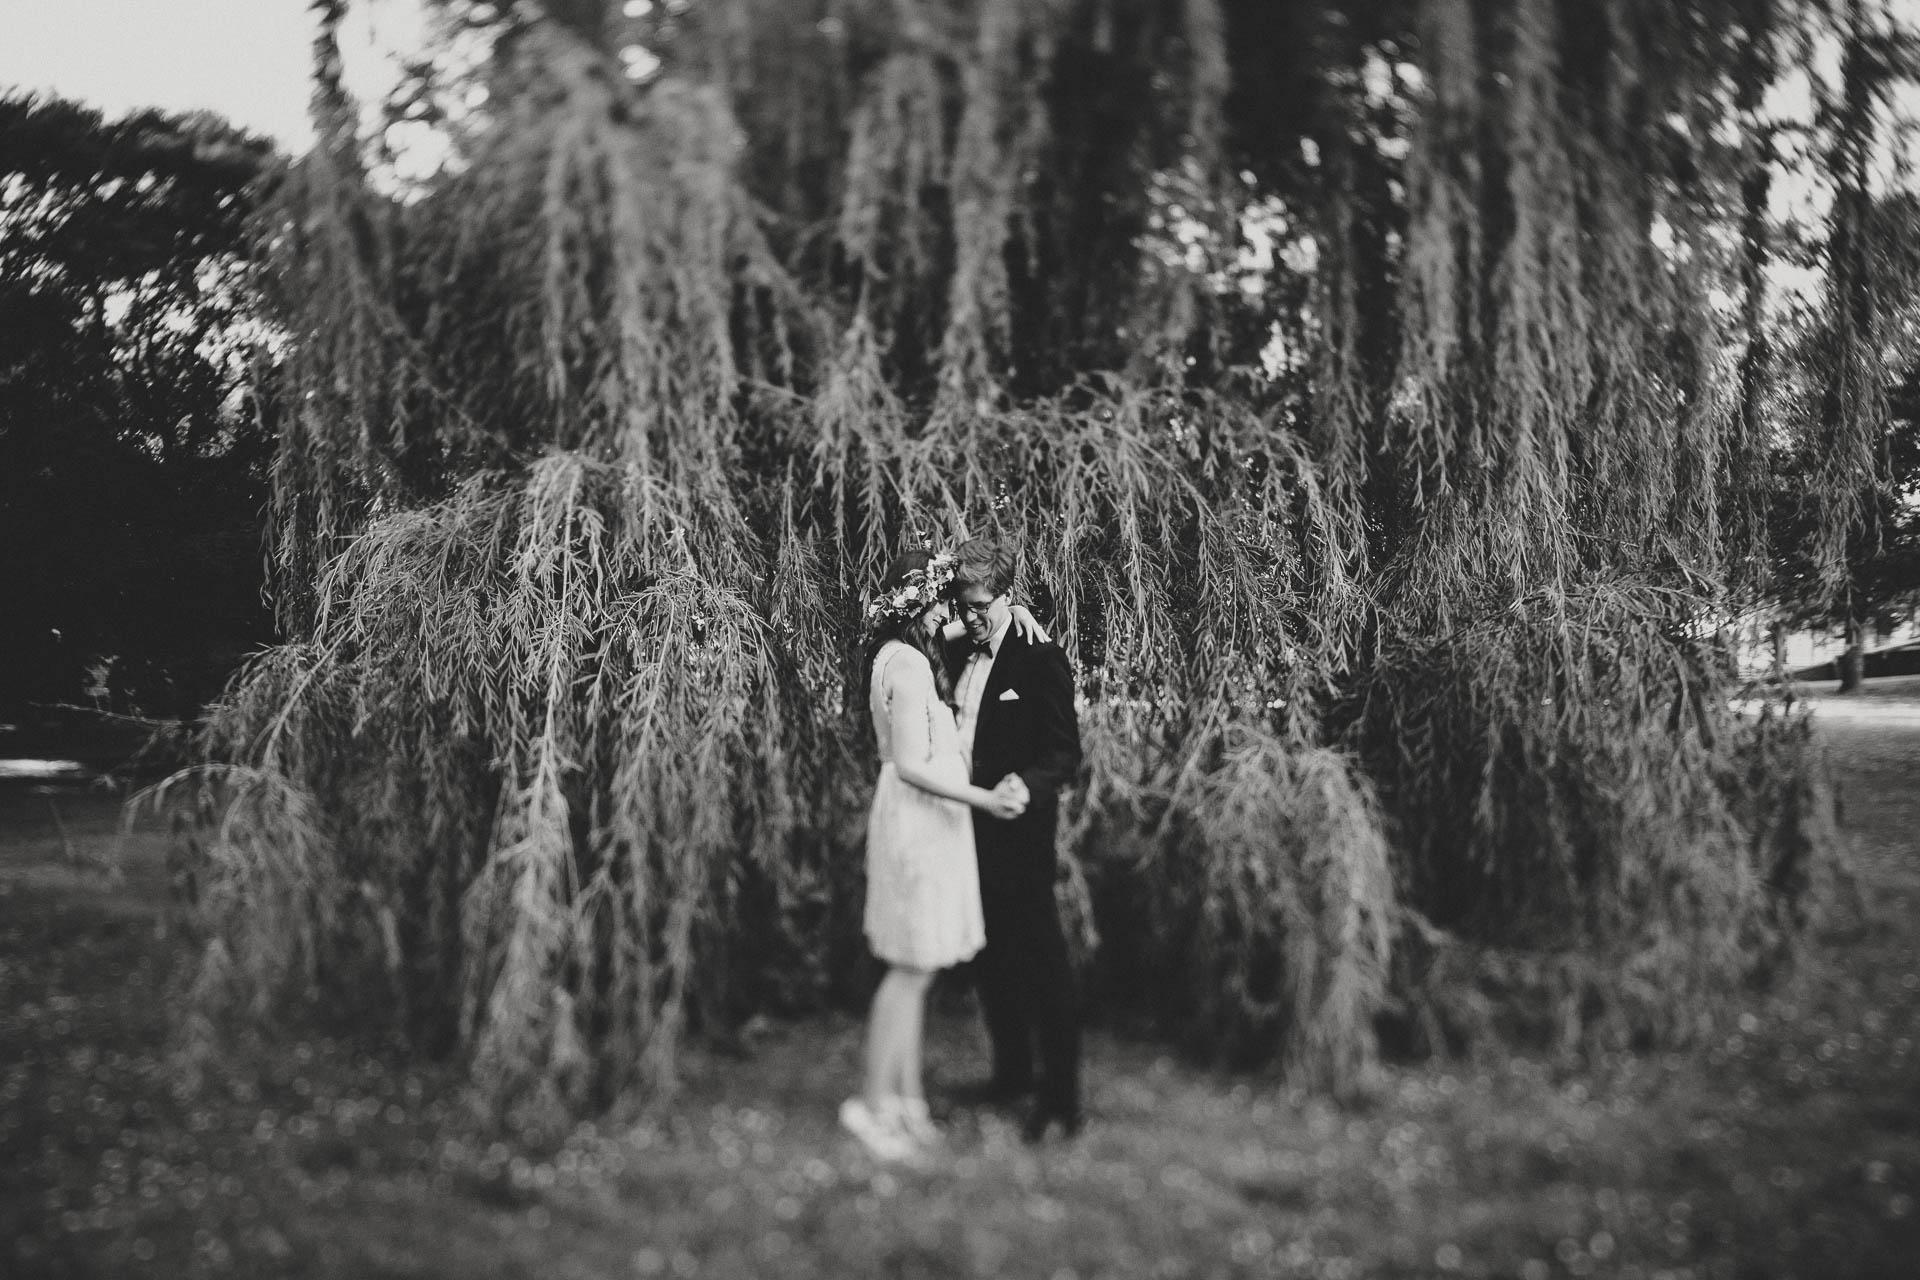 Megan-Paul-Ohio-English-Garden-Wedding-101@2x.jpg